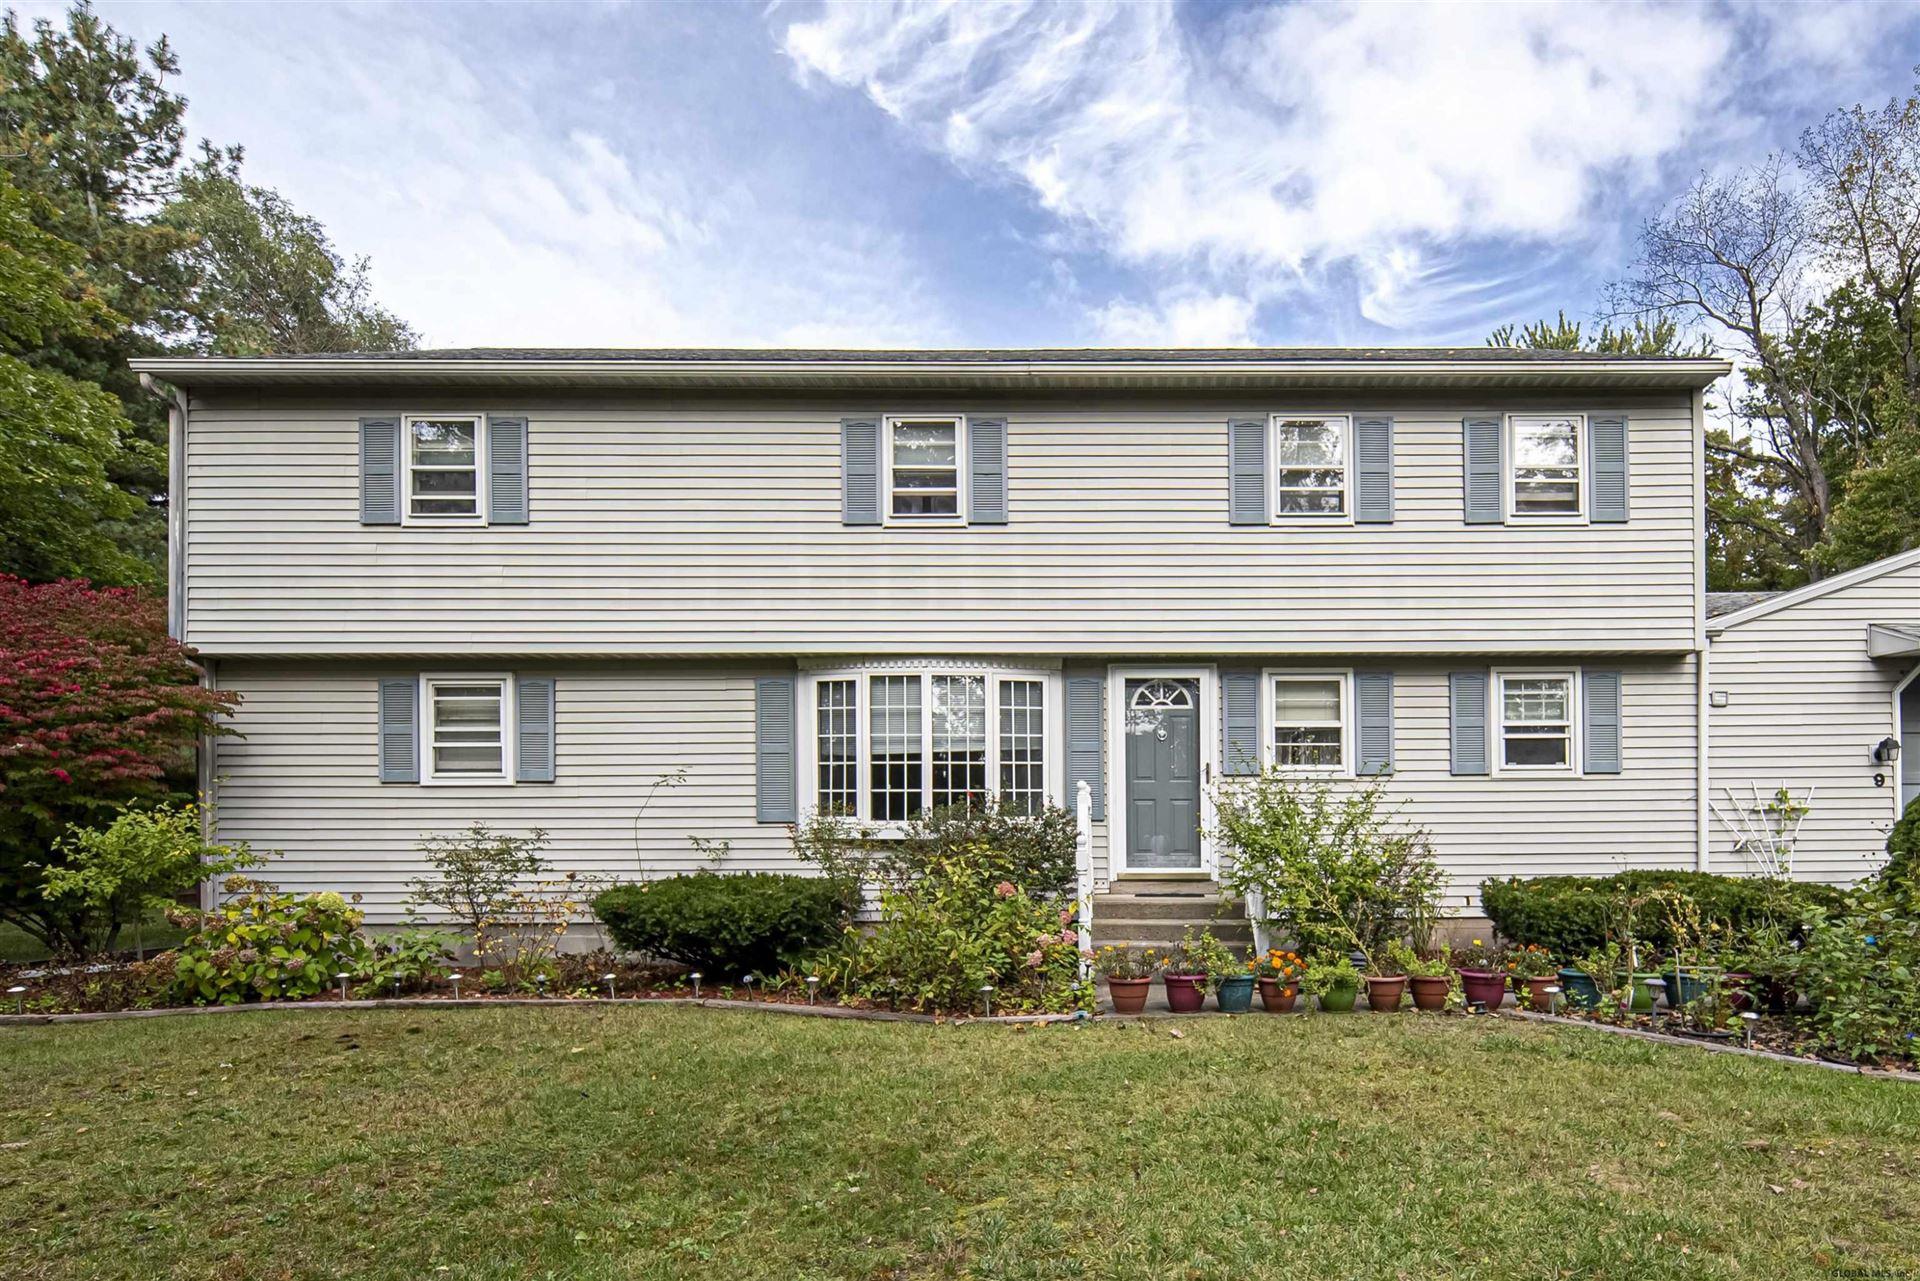 9 PINE ST                                                                               Guilderland                                                                      , NY - $429,900